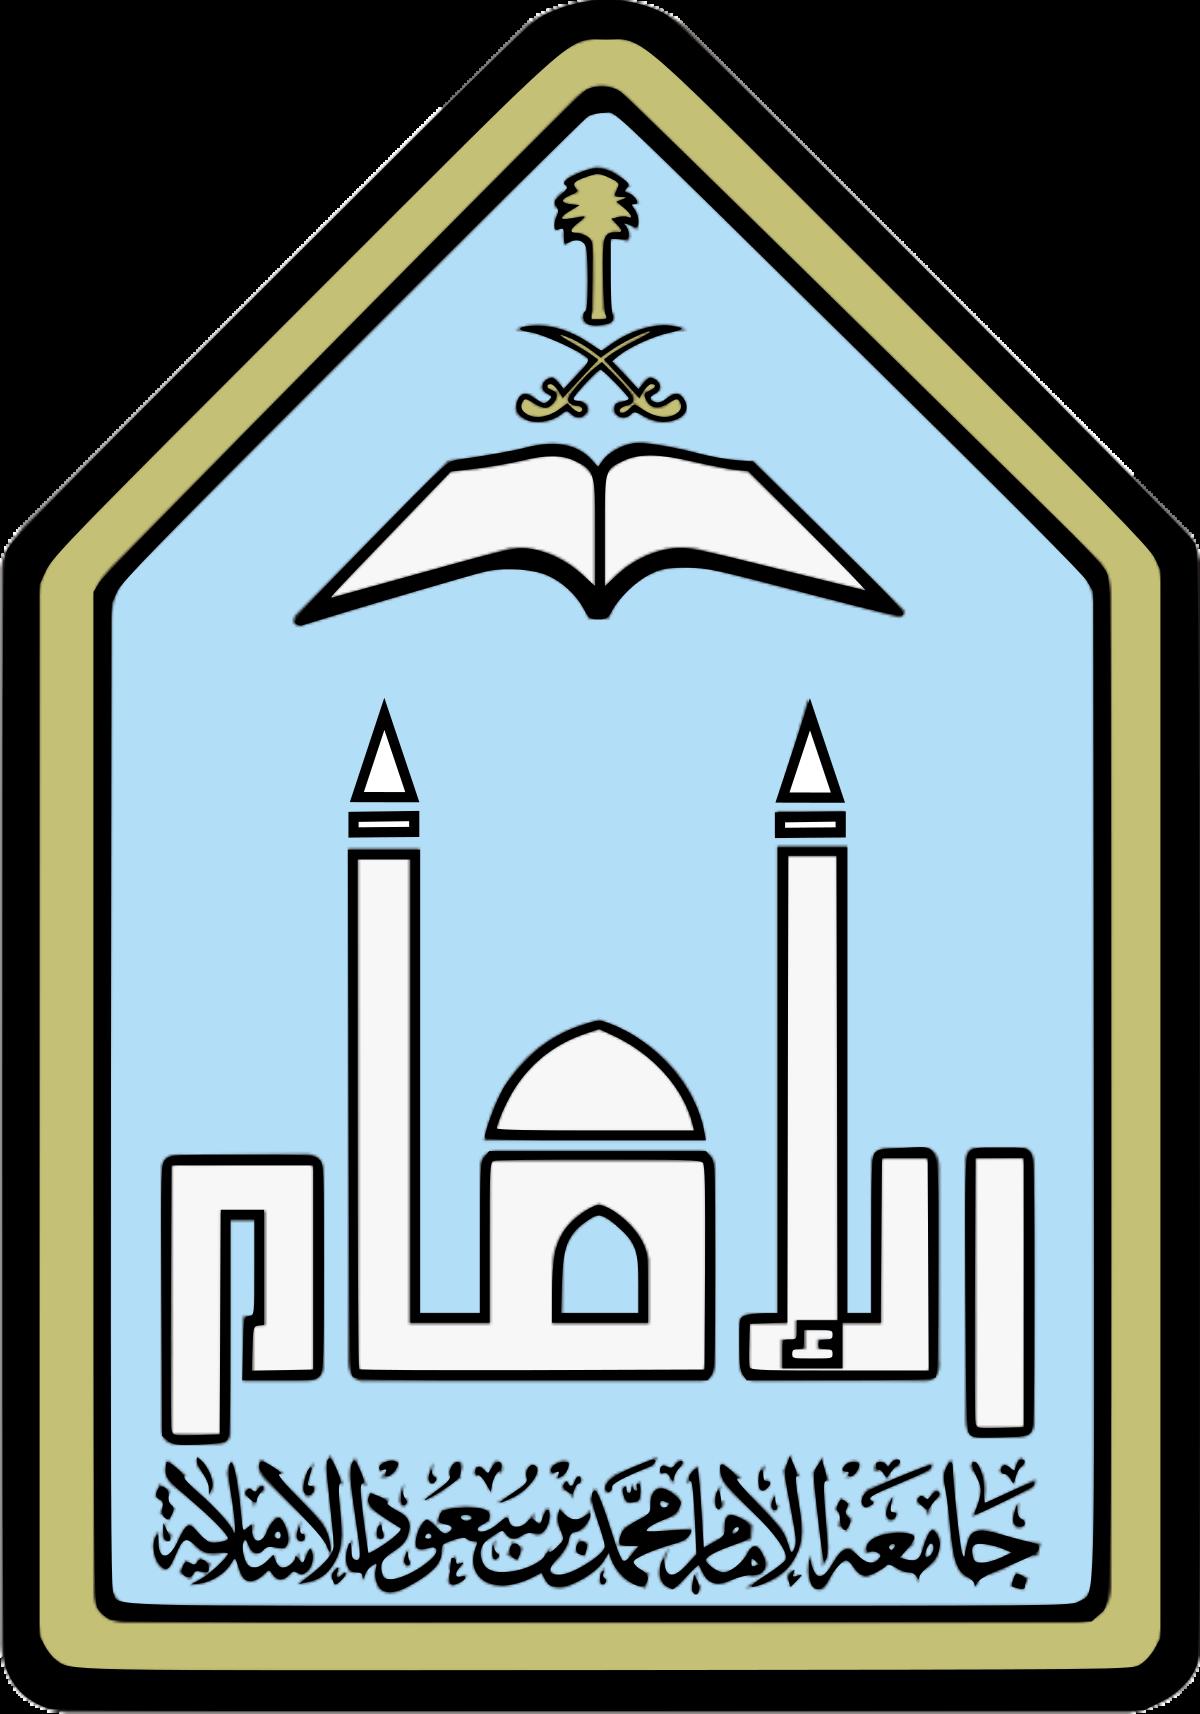 تعلن جامعة الإمام محمد بن سعود الإسلامية عن دورة مجانية عن ...